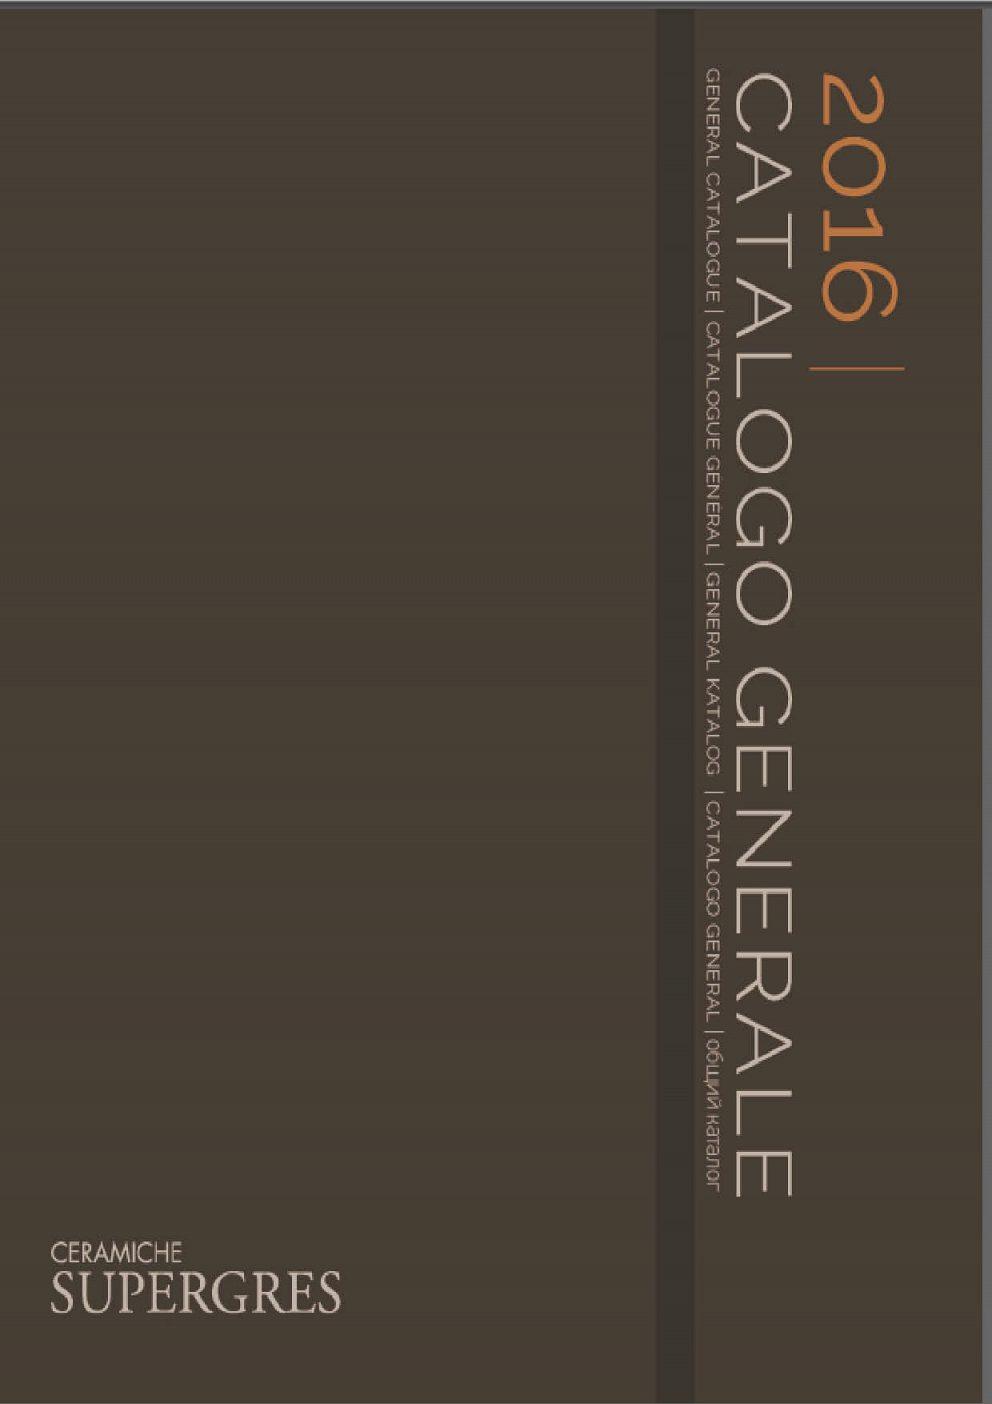 Supergres - Generálny katalóg 2016